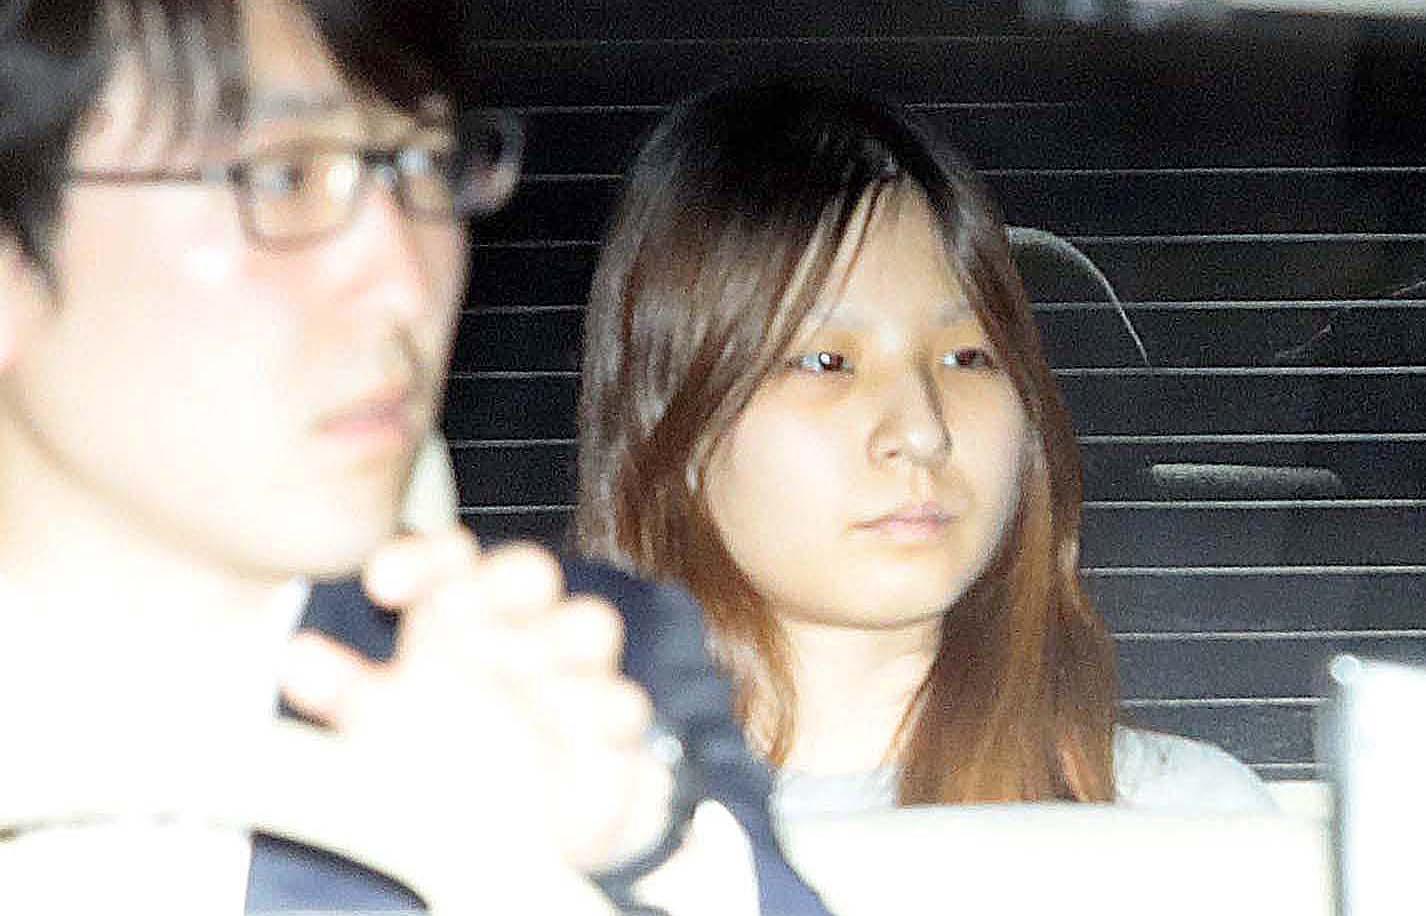 5才女児虐待死で船戸雄大・優里容疑者逮捕5才女児虐待死で船戸雄大・優里容疑者逮捕